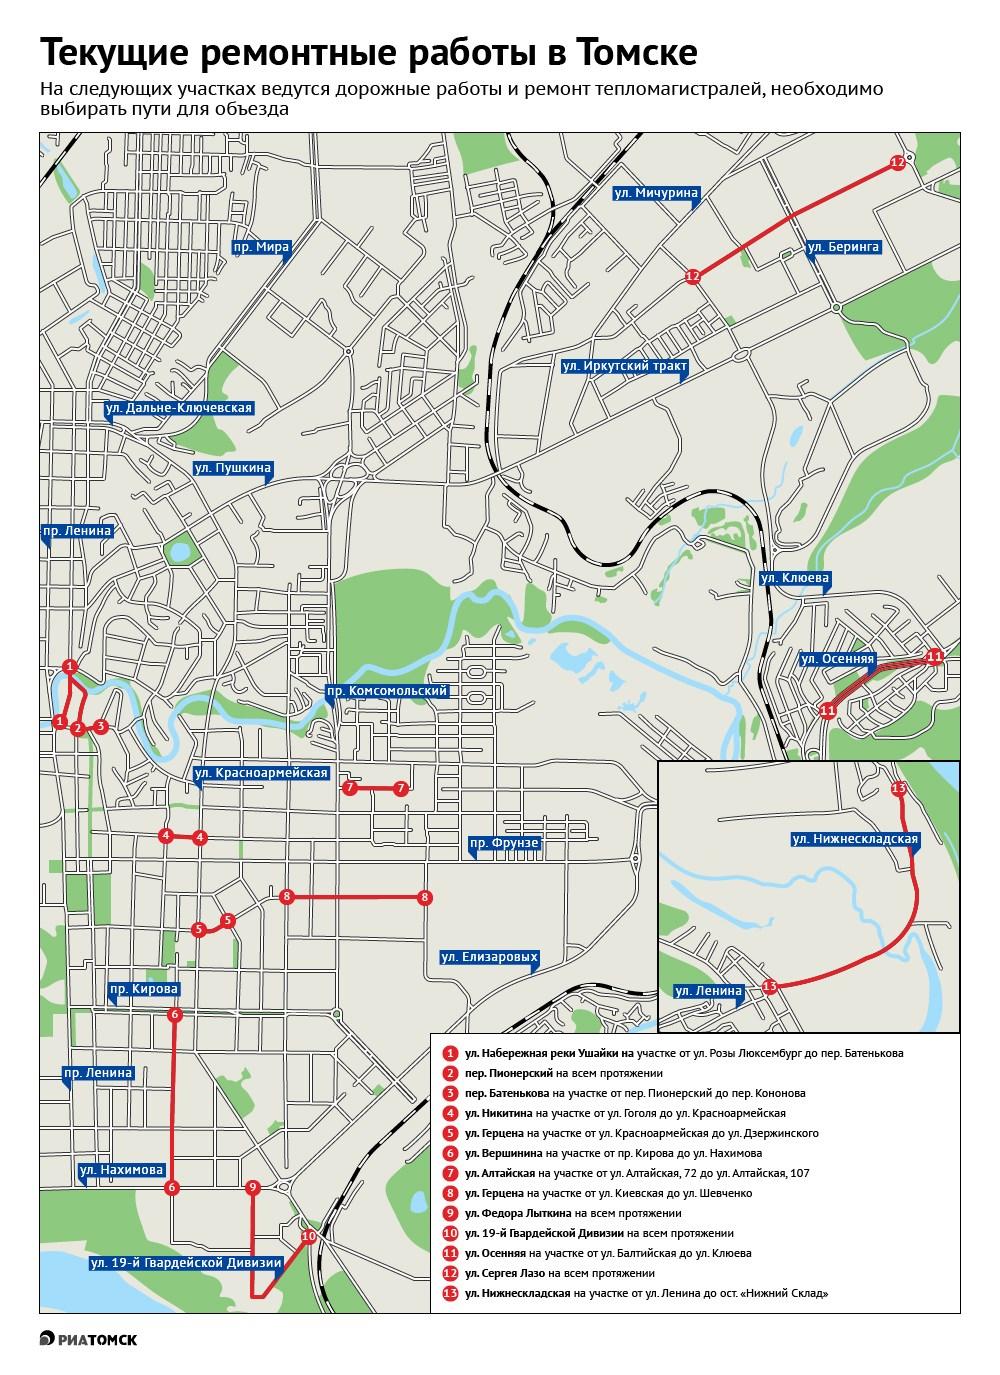 Ремонтная кампания на дорогах и коммунальных сетях стартовала в Томске, из-за чего в настоящее время сразу несколько участков дорог перекрыто для движения транспорта. Где автомобилистам стоит позаботиться об объезде – в инфографике РИА Томск.